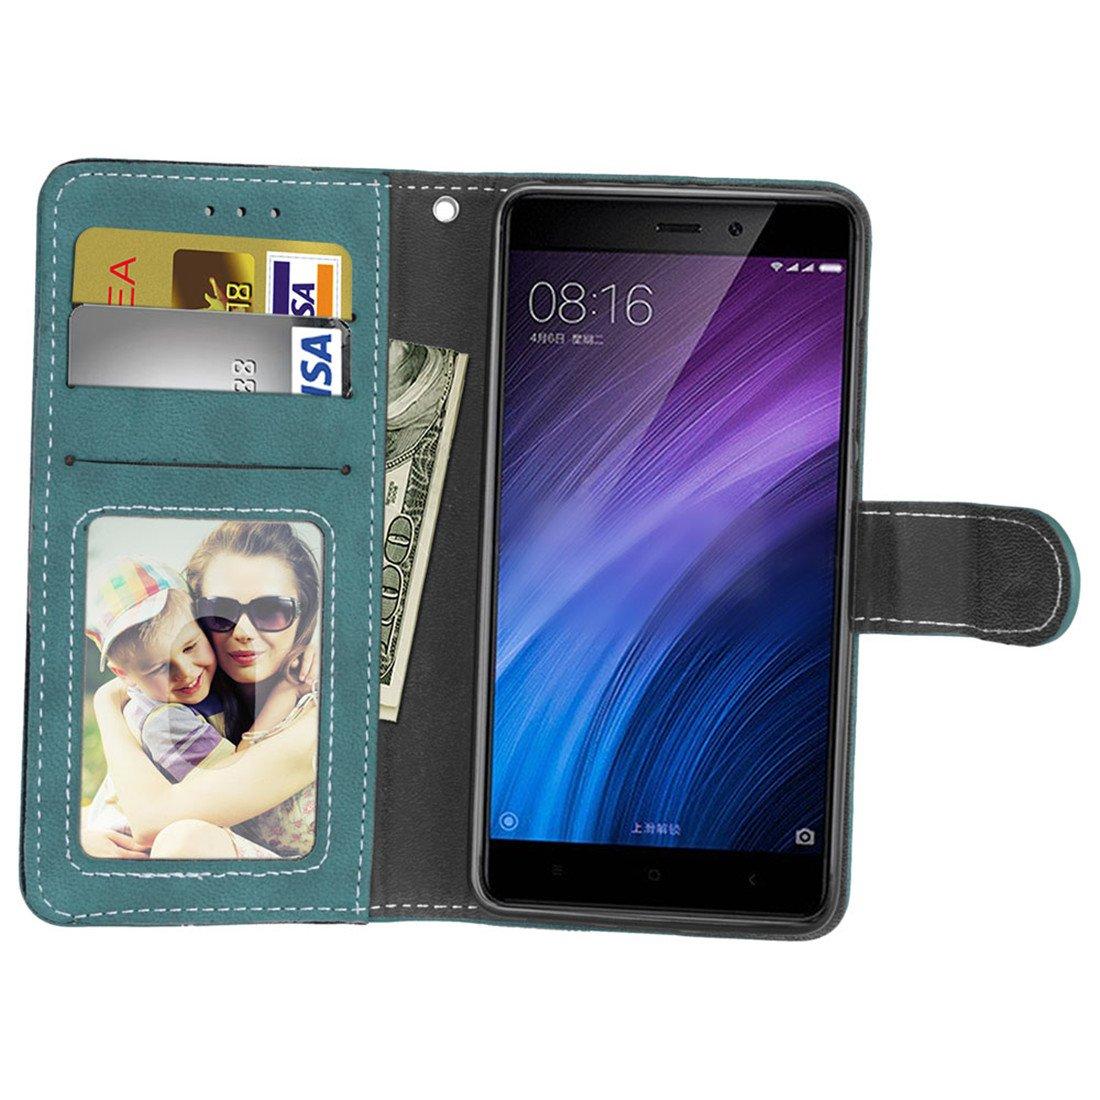 Marr/ón HiKing Para Xiaomi Redmi 4 Pro//4 Prime Funda Retro Frosted 3 Card Slots Cuero De La PU Magn/ético Capirotazo Billetera Apoyo Bumper Protector Cover Funda Carcasa Case